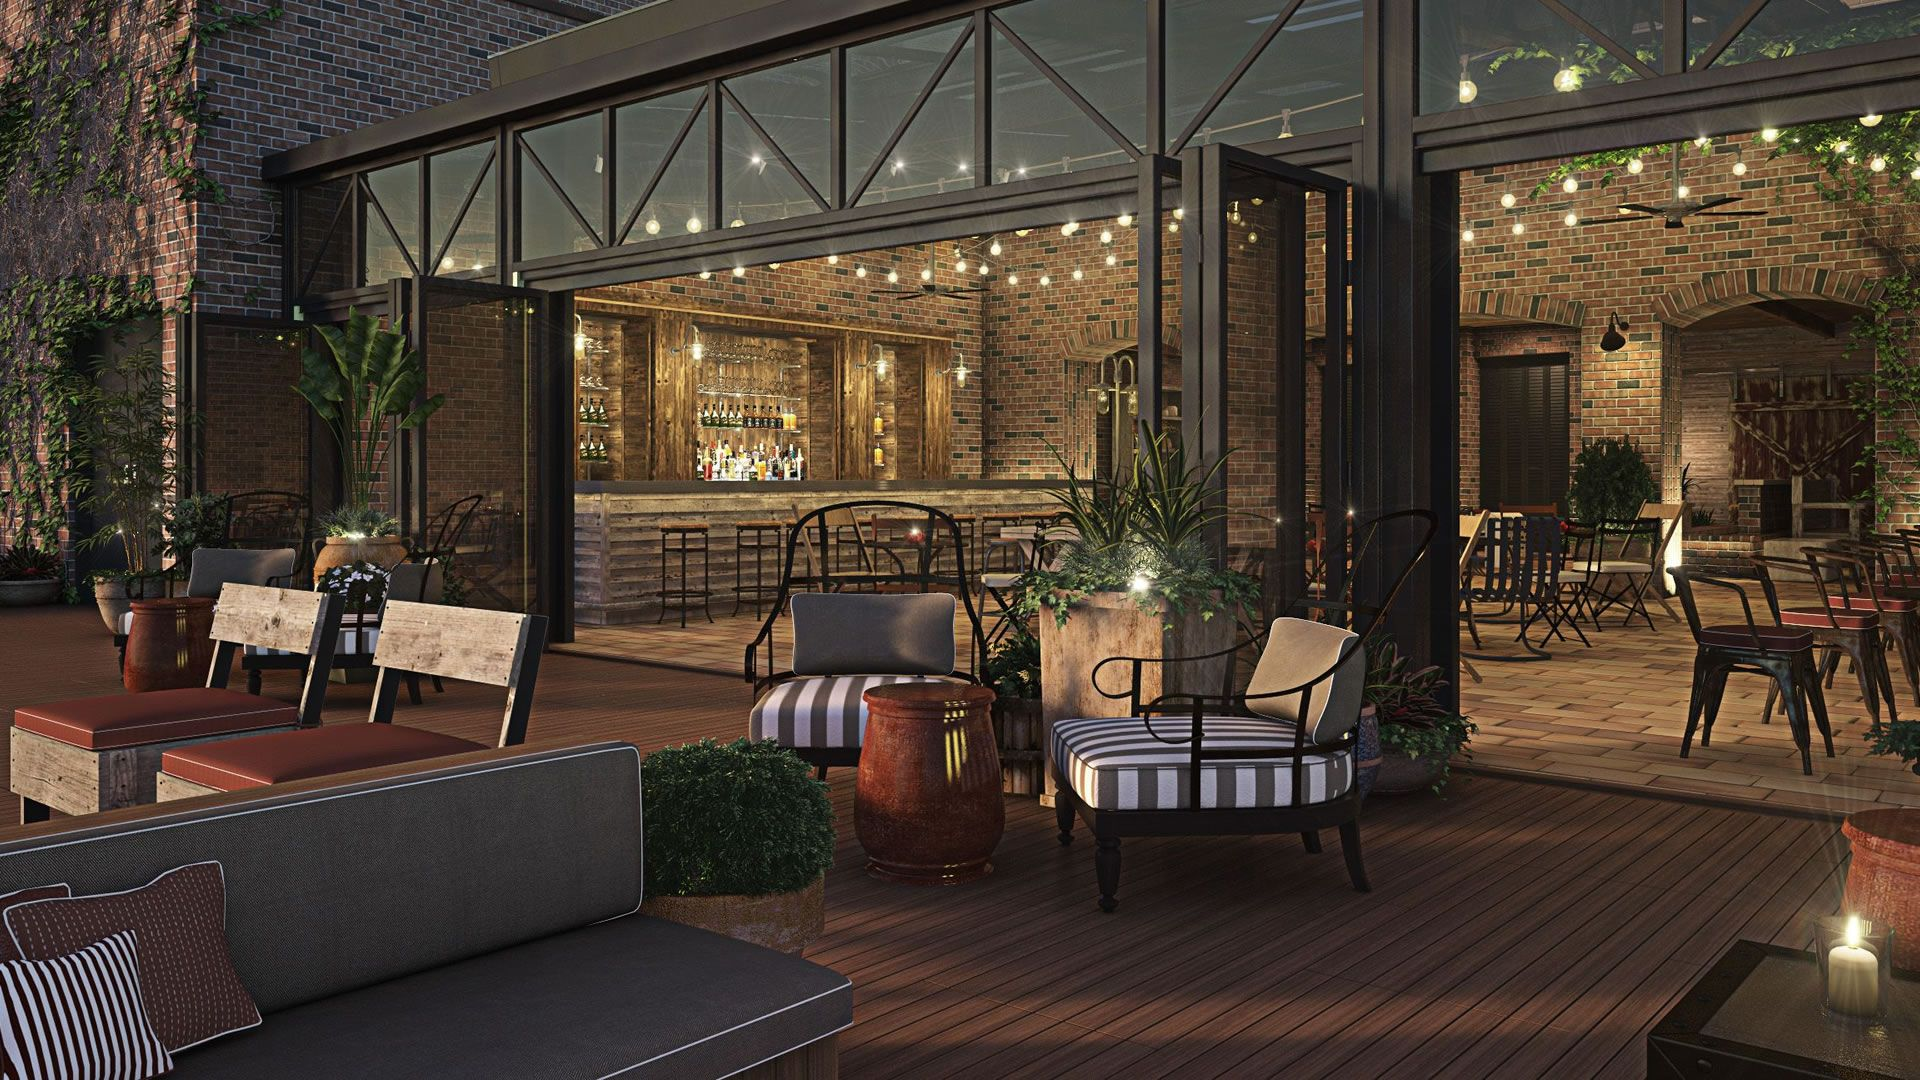 Con grandes descuentos en hoteles de Nueva York llega Hotel Week NYC